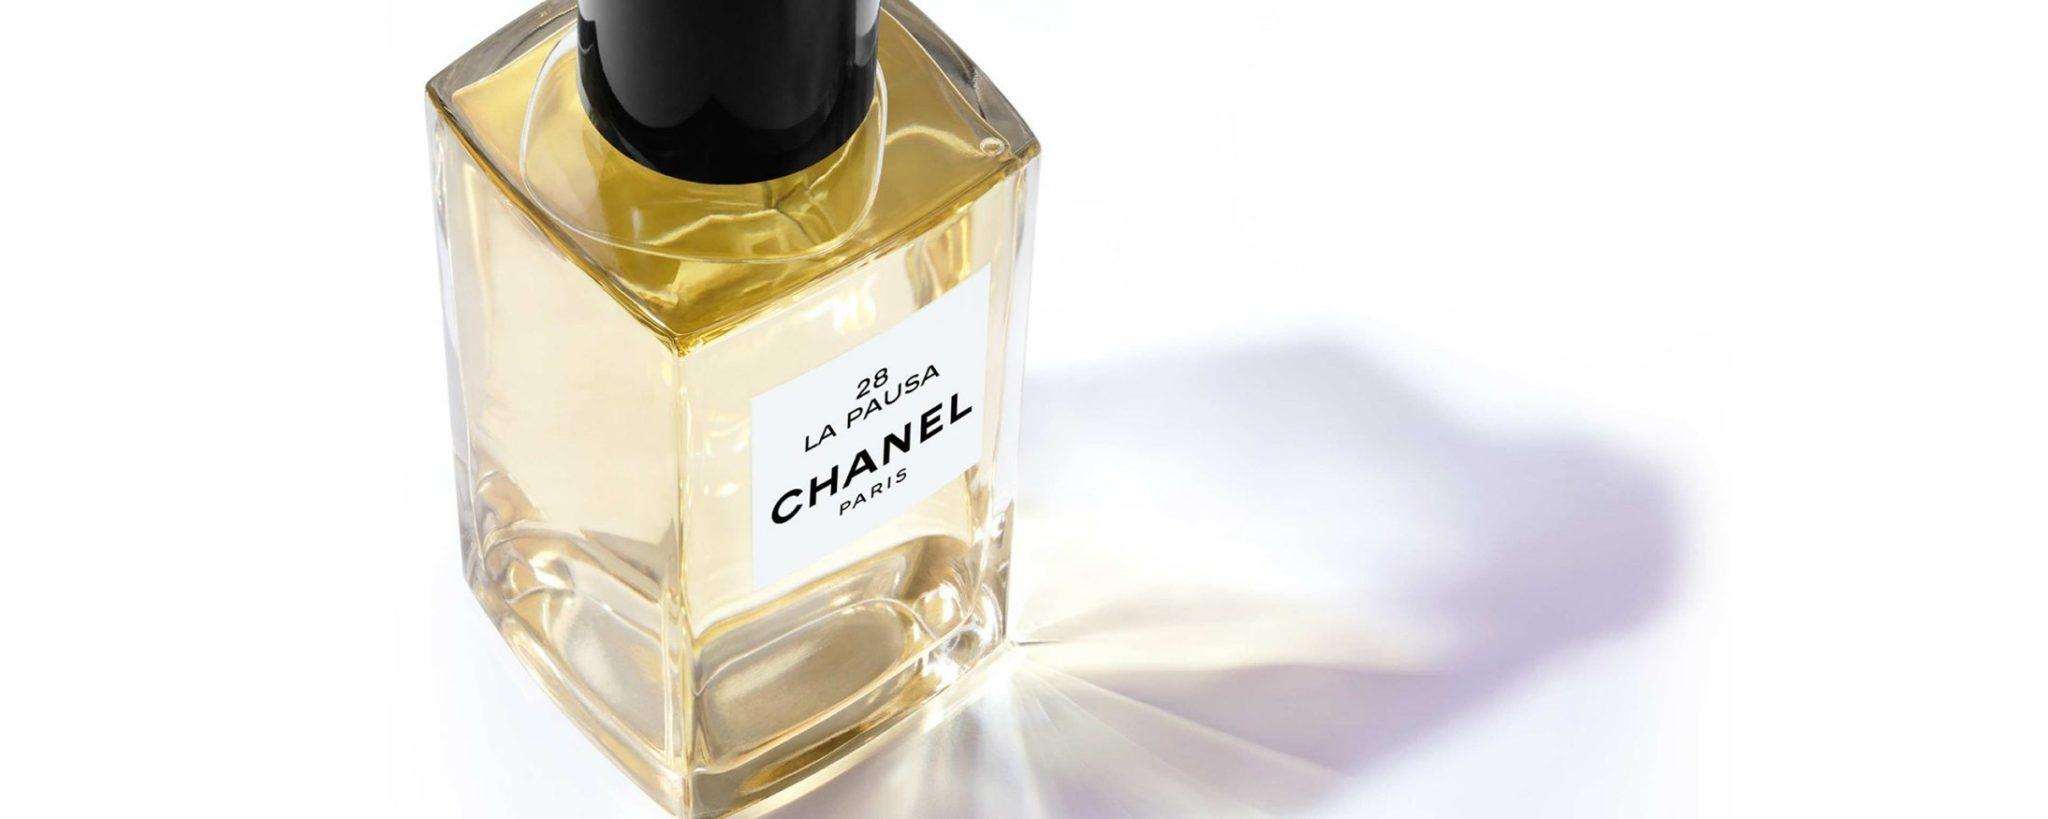 Chanel Les Exclusifs 28 La Pausa eau de parfum Esprit de Gabrielle espritdegabrielle.com